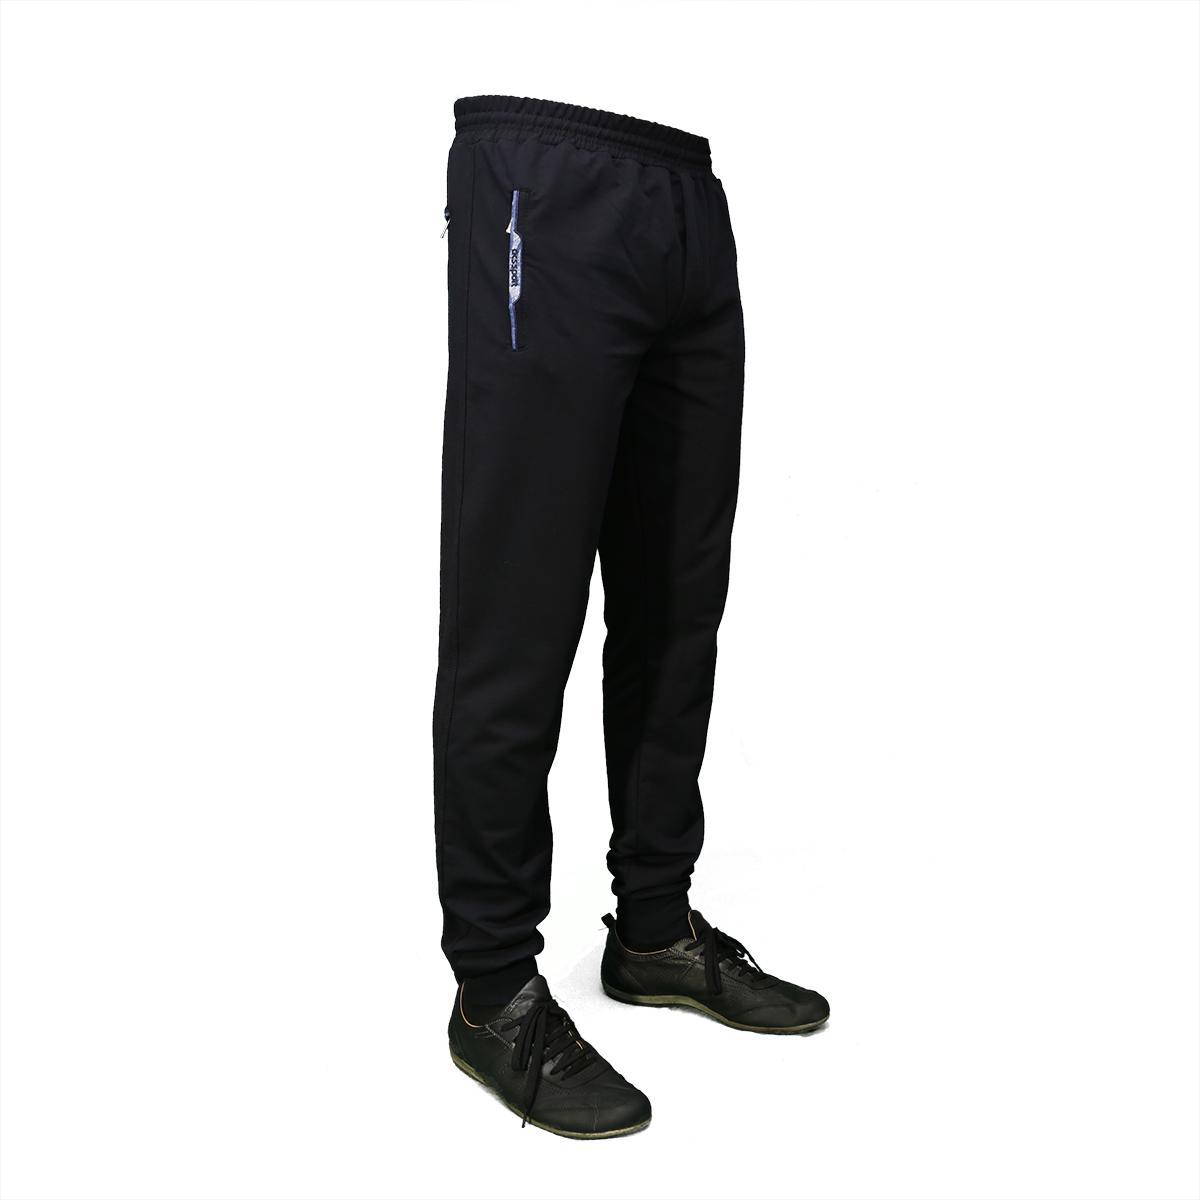 Мужские зауженные трикотажные брюки под манжет тм. AVCI пр-во. Турция KD1087